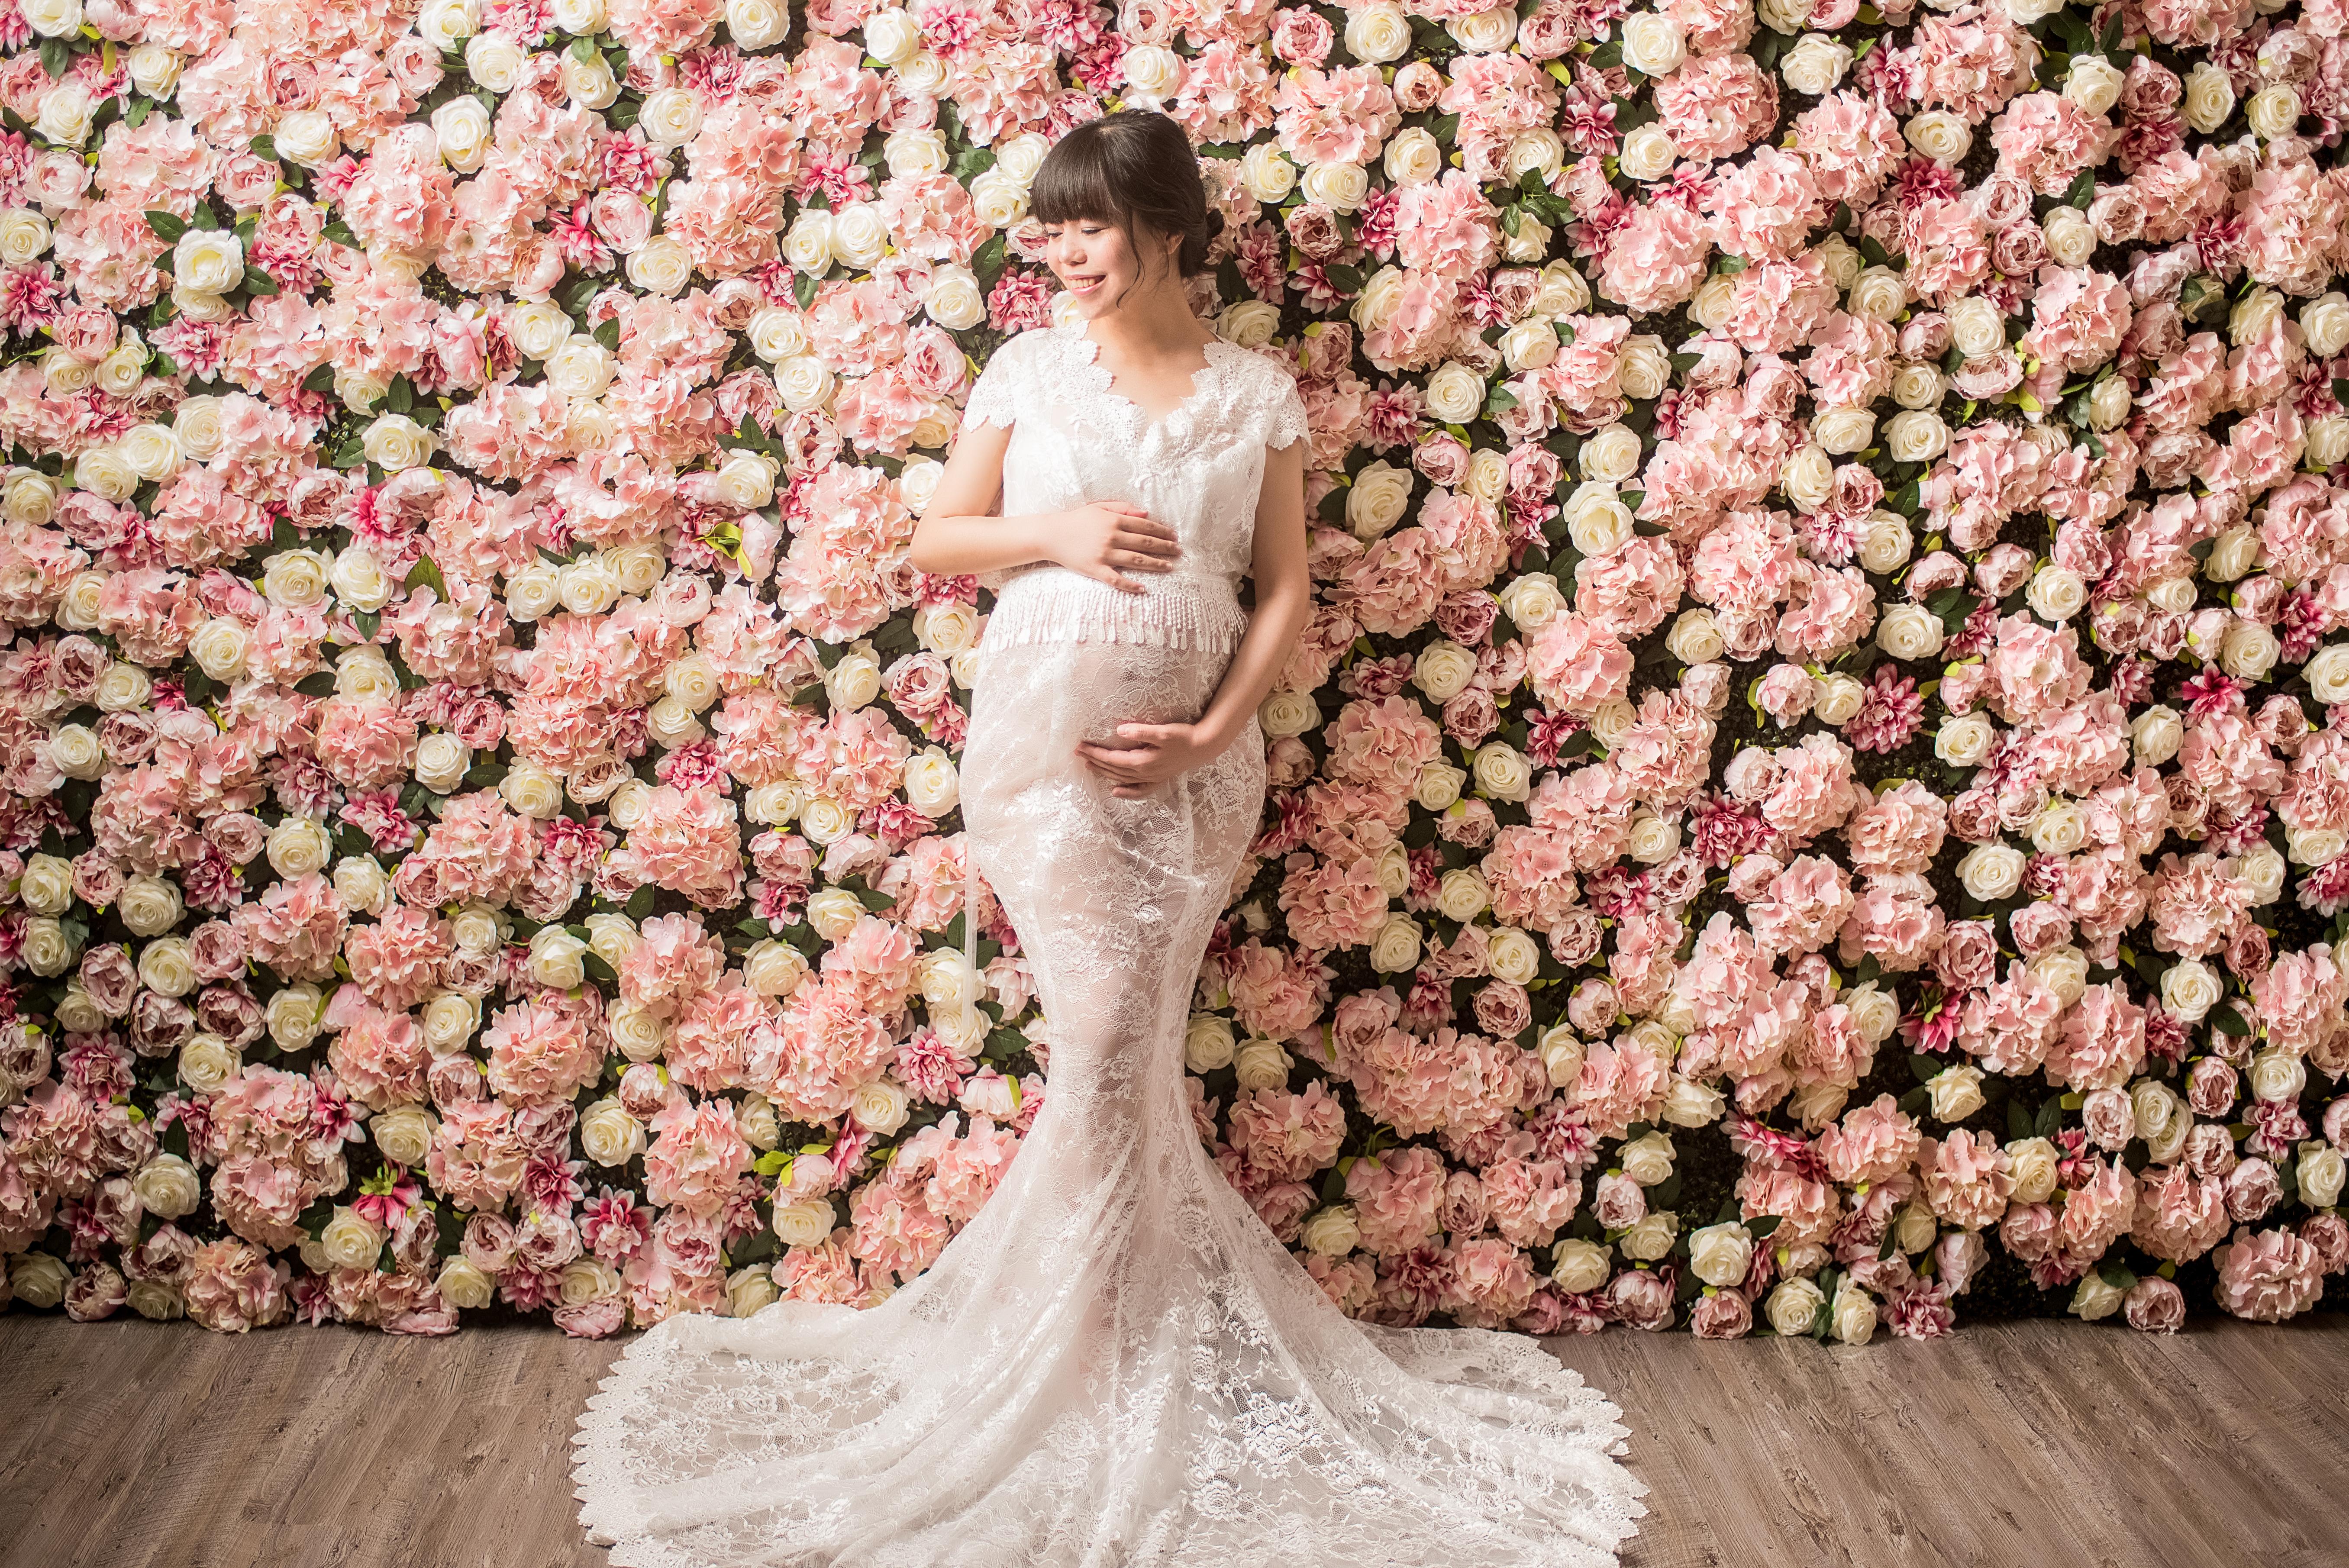 台中孕婦寫真, 台中孕婦寫真花牆, 台中孕婦攝影, 台中孕婦拍照